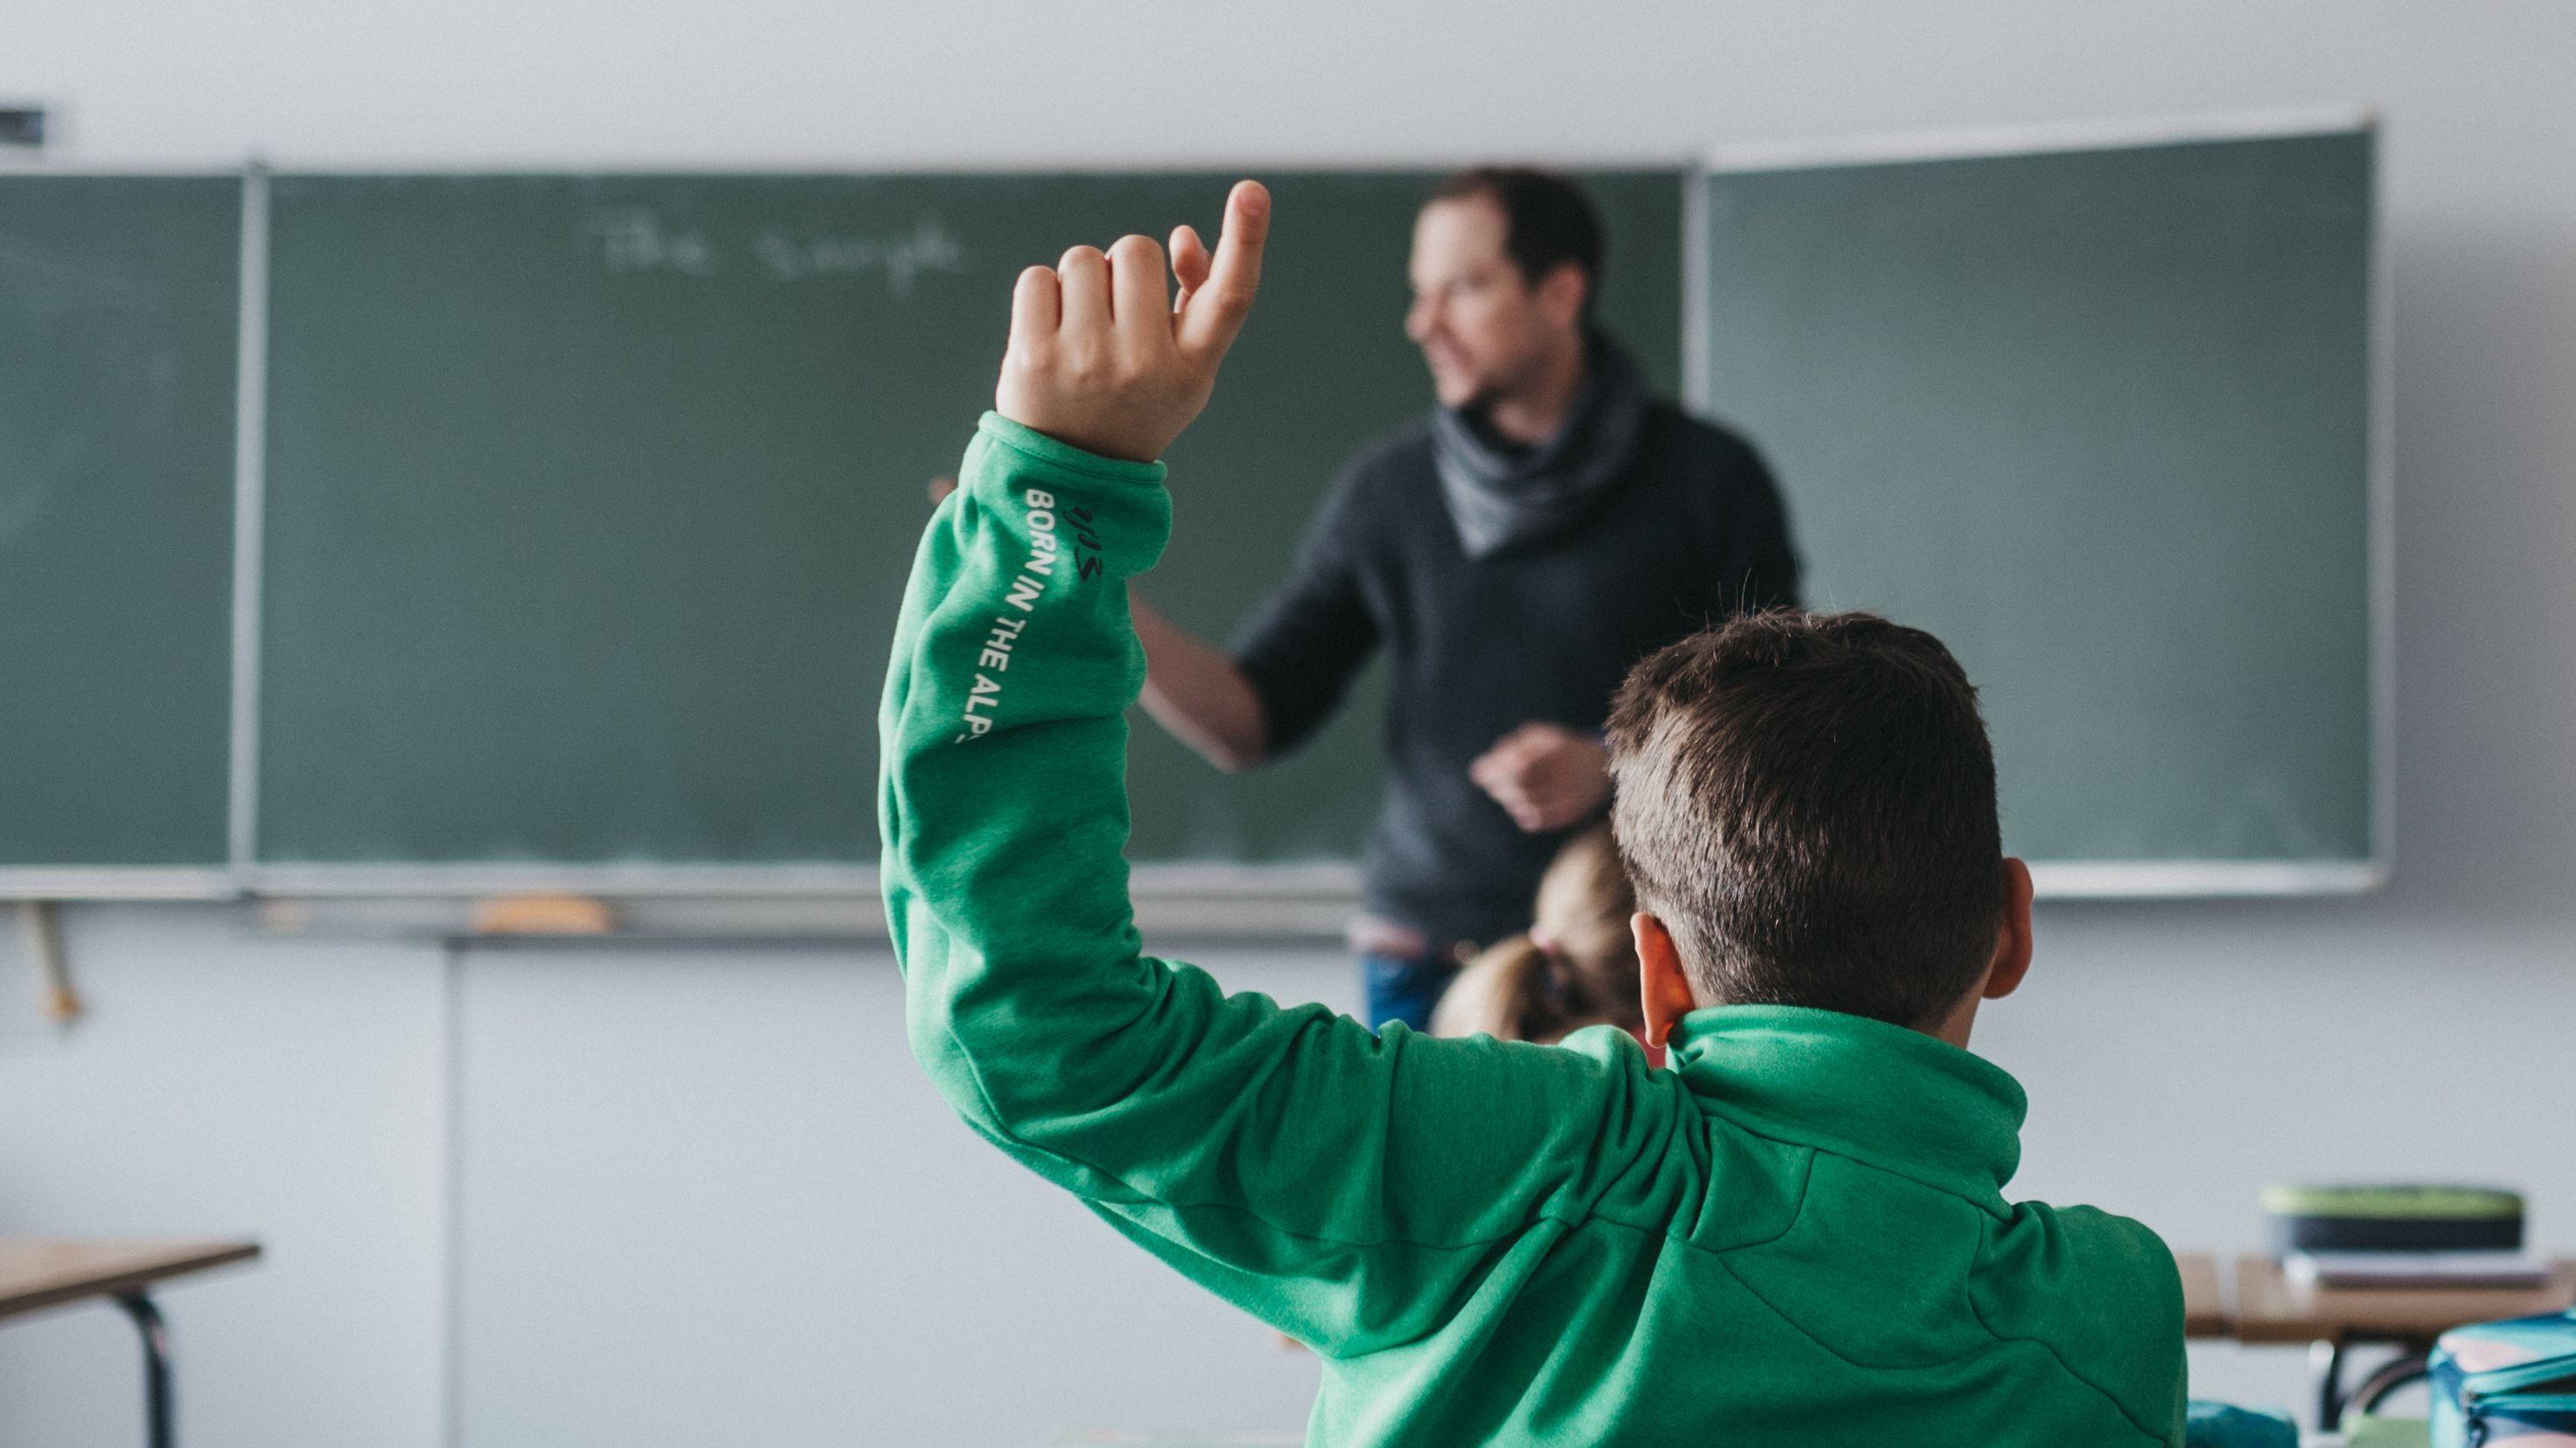 Unterricht an einer Schule (Symbolbild)